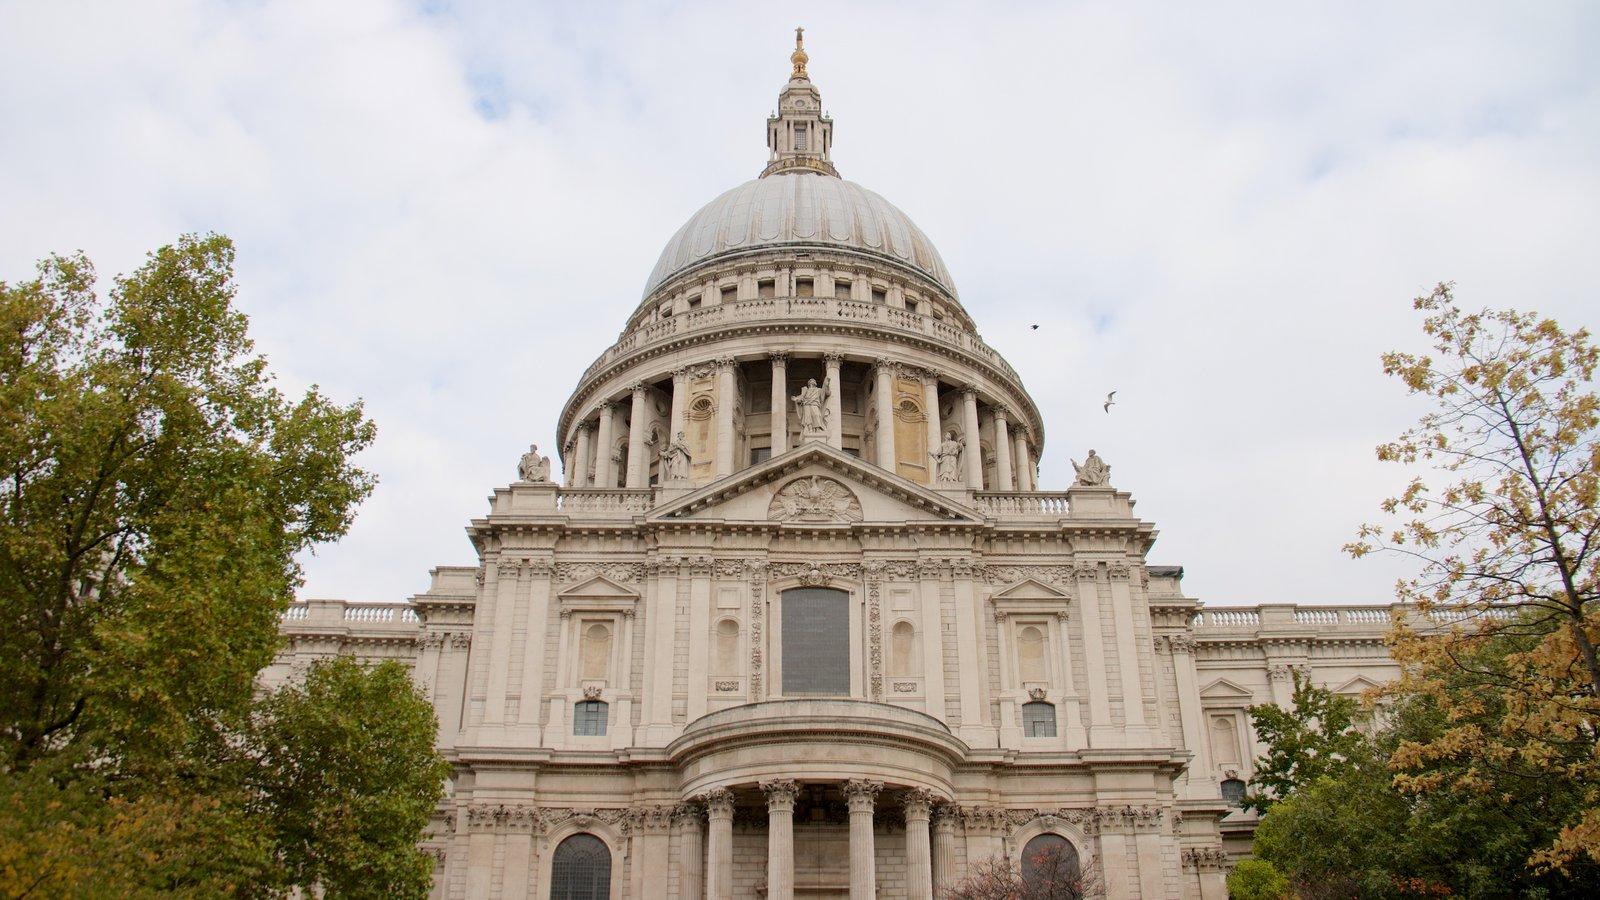 St. Paul\'s Cathedral mostrando arquitetura de patrimônio e uma igreja ou catedral